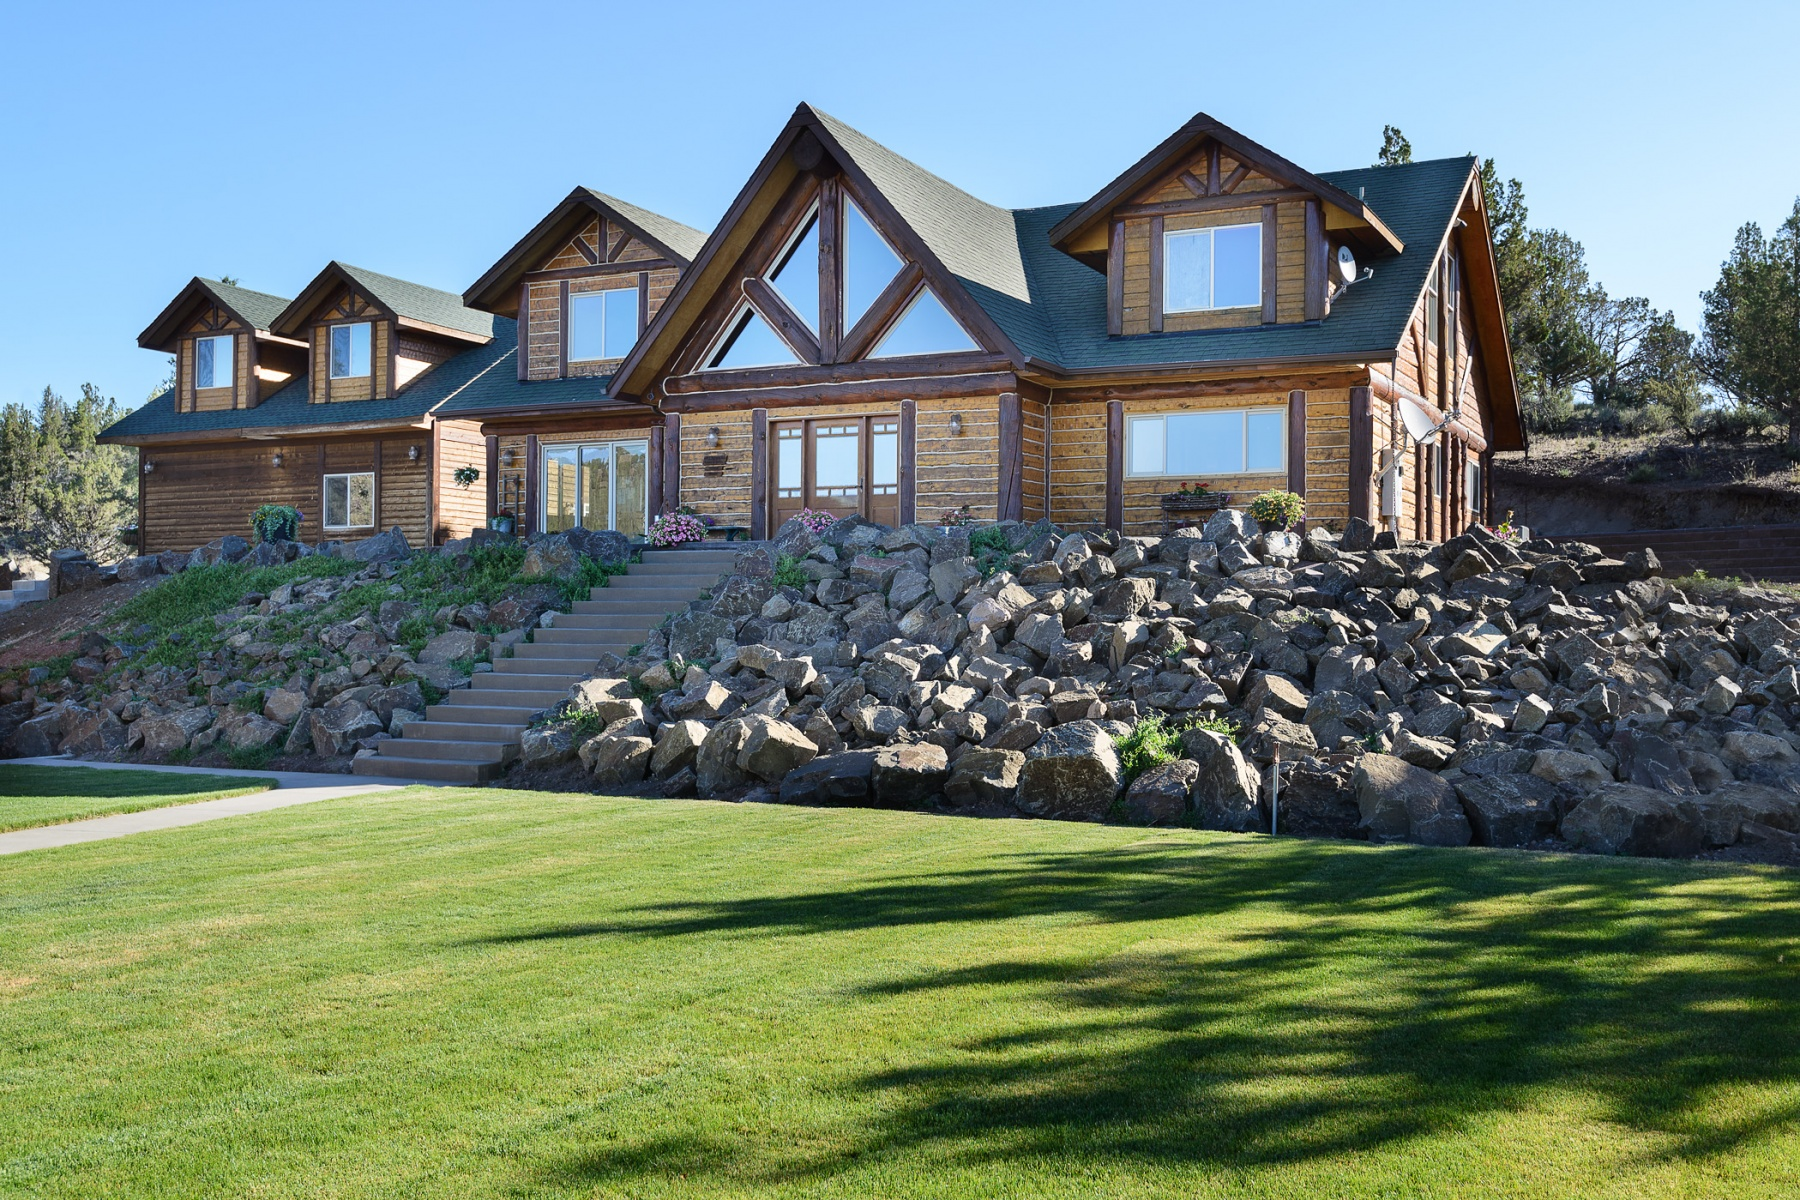 Casa Unifamiliar por un Venta en 14000 NE Lawson Road, PRINEVILLE 14000 NE Lawson Rd Prineville, Oregon, 97754 Estados Unidos